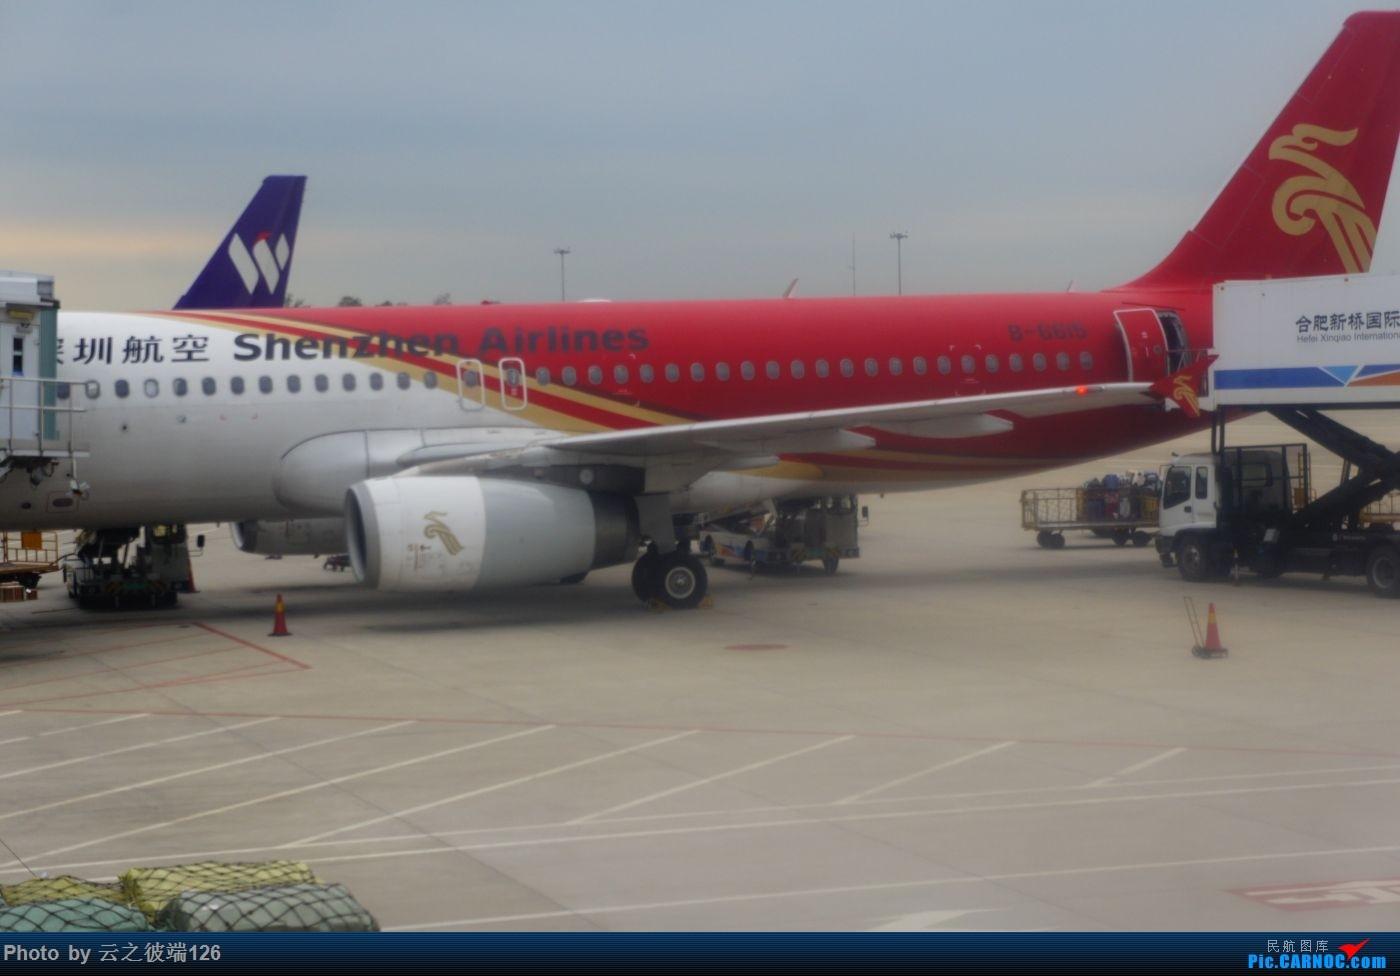 Re:[原创]---步入中原,时隔三年意外遇见你 NKG-XIY-HFE--- AIRBUS A320-200 B-6615 中国合肥新桥国际机场